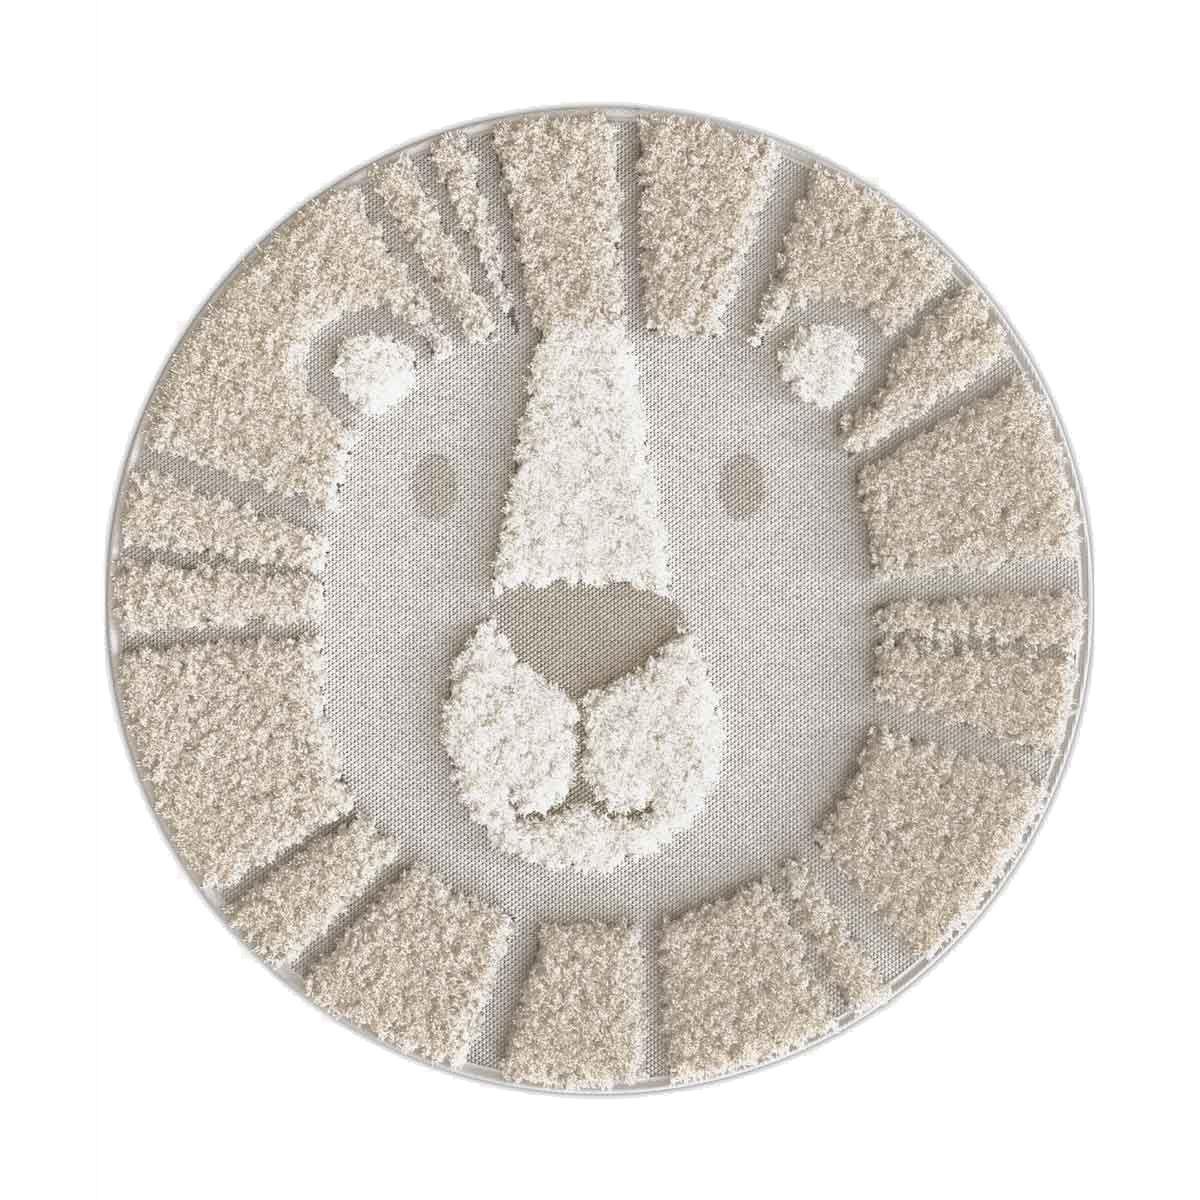 Tapis rond lion crinière beige Tahat 120 cm